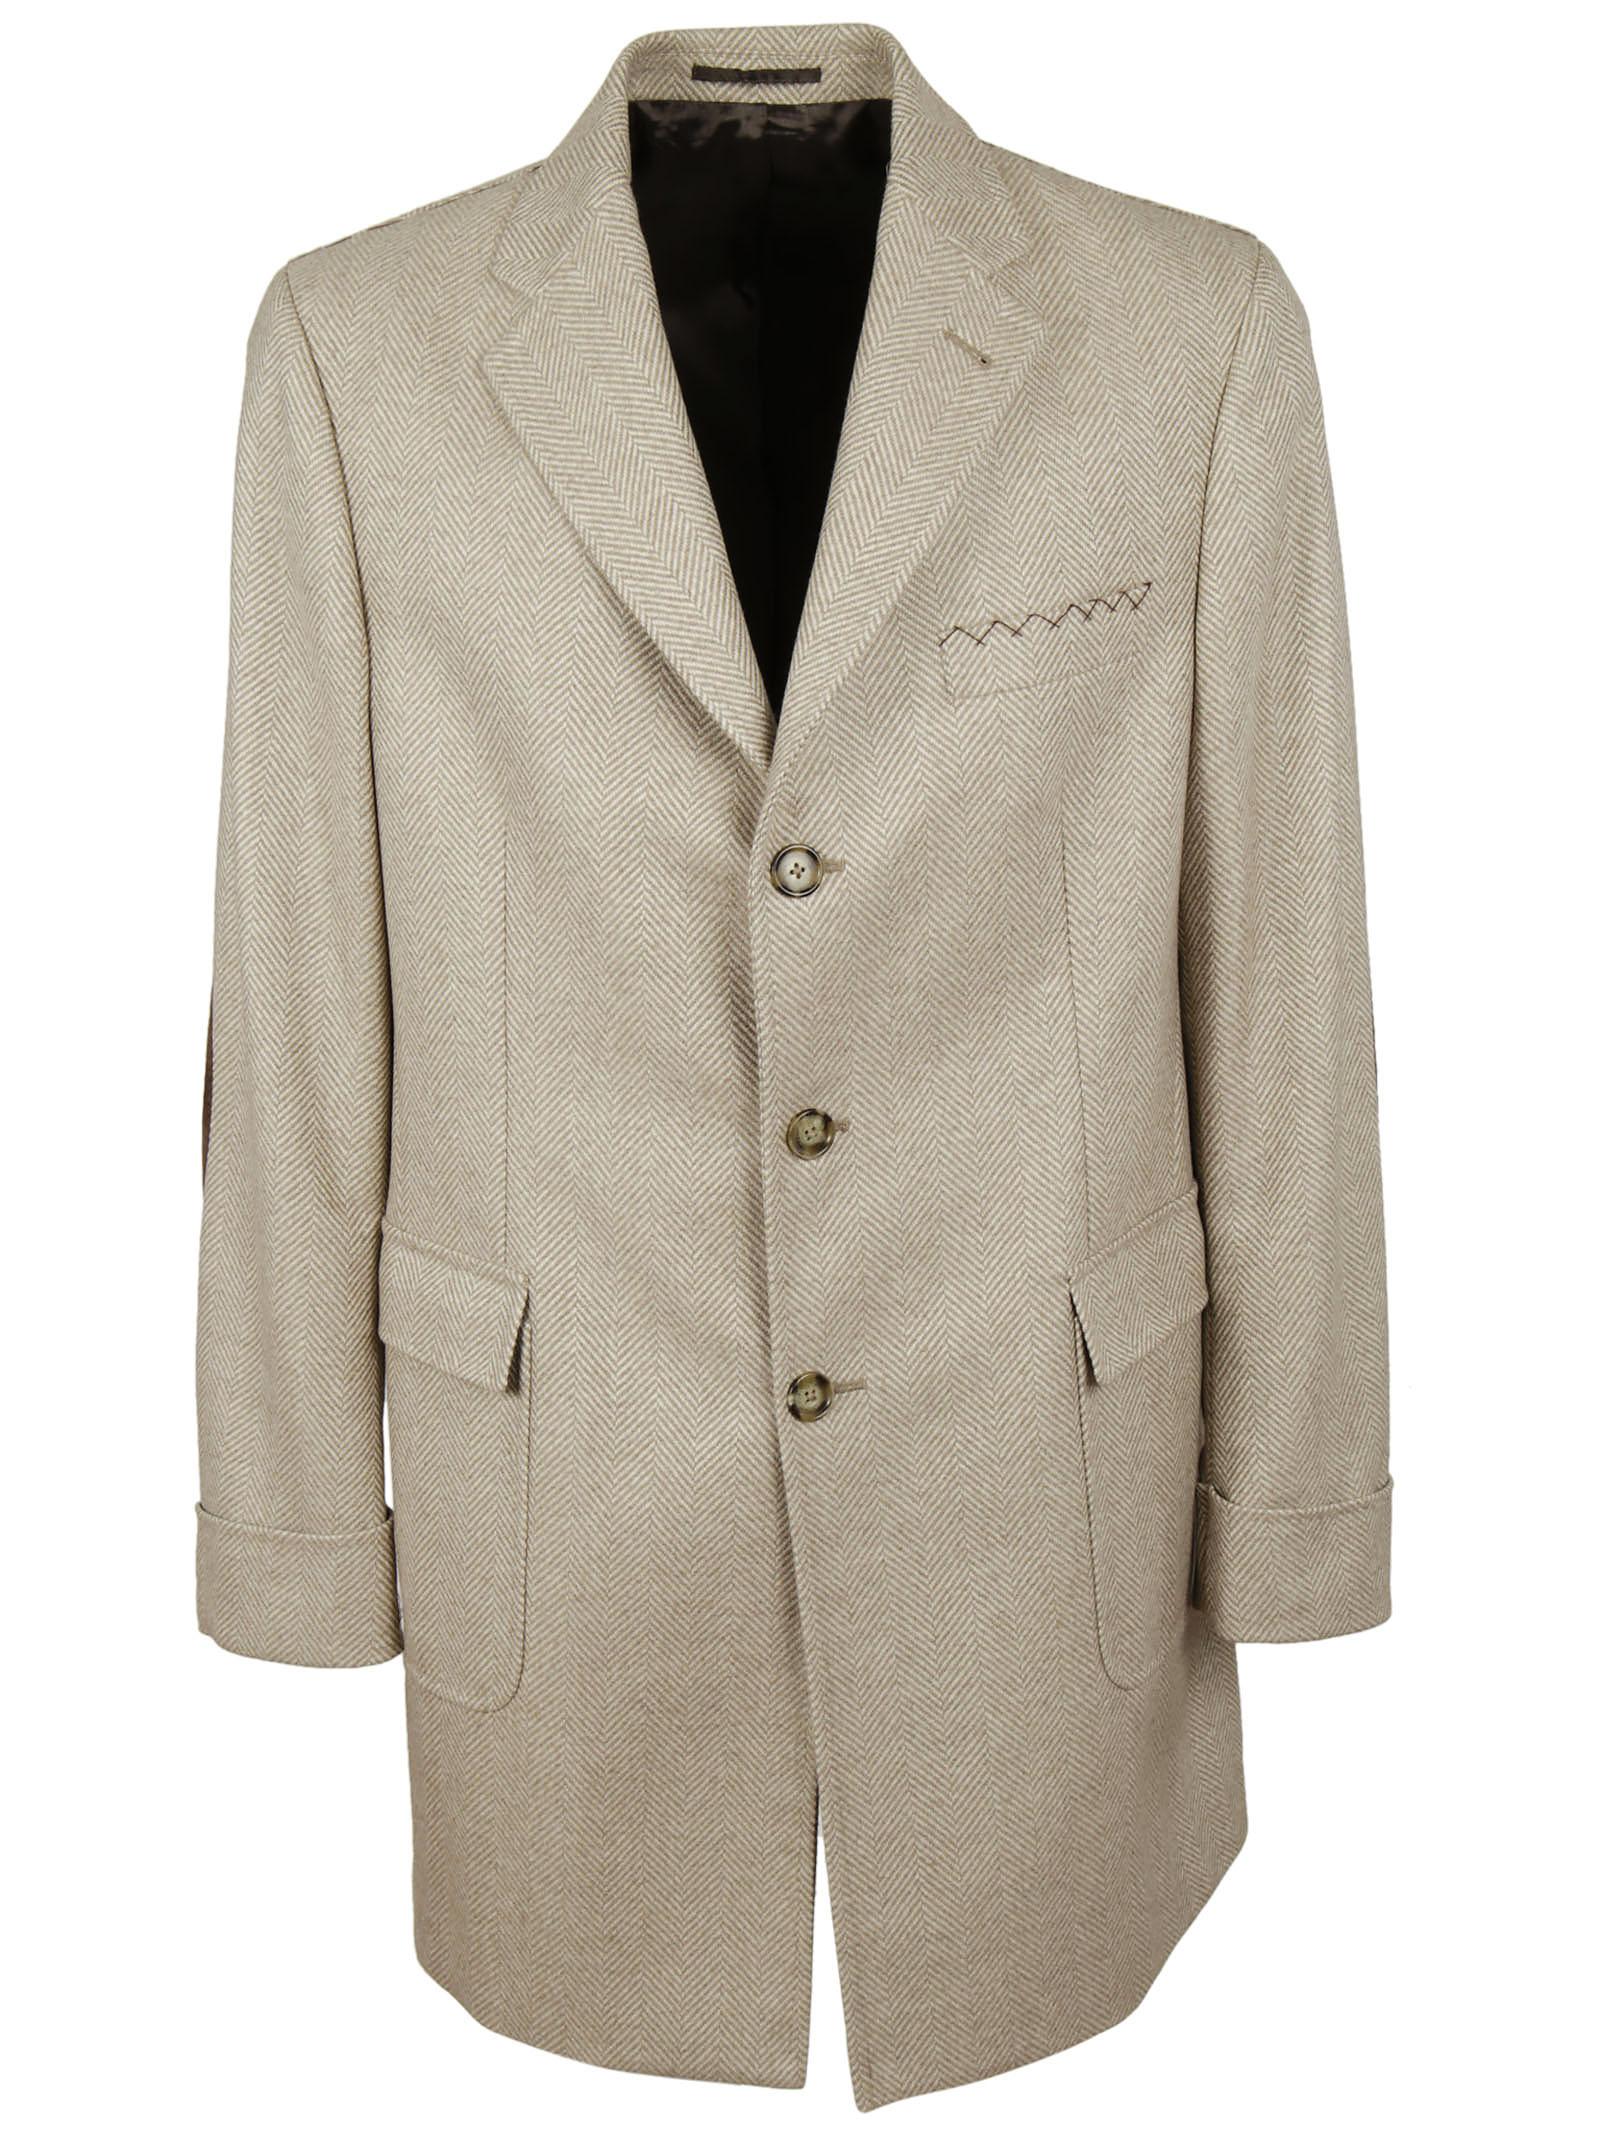 Doriani Doriani Cashmere Coat